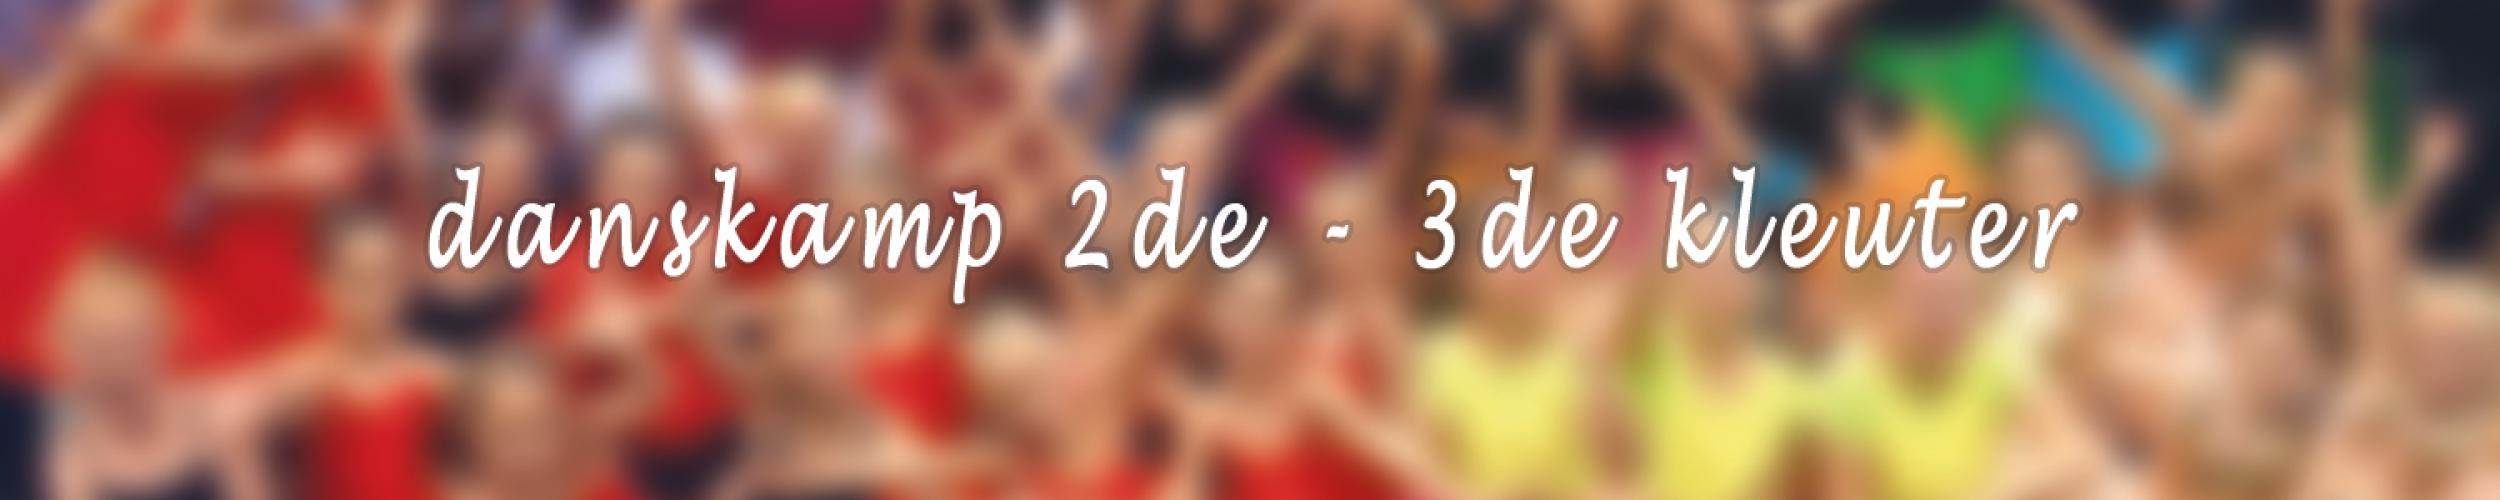 Danskamp 5 - 19 tot 23 augustus voor 2de en 3de kleuter_Izegemse Dansacademie